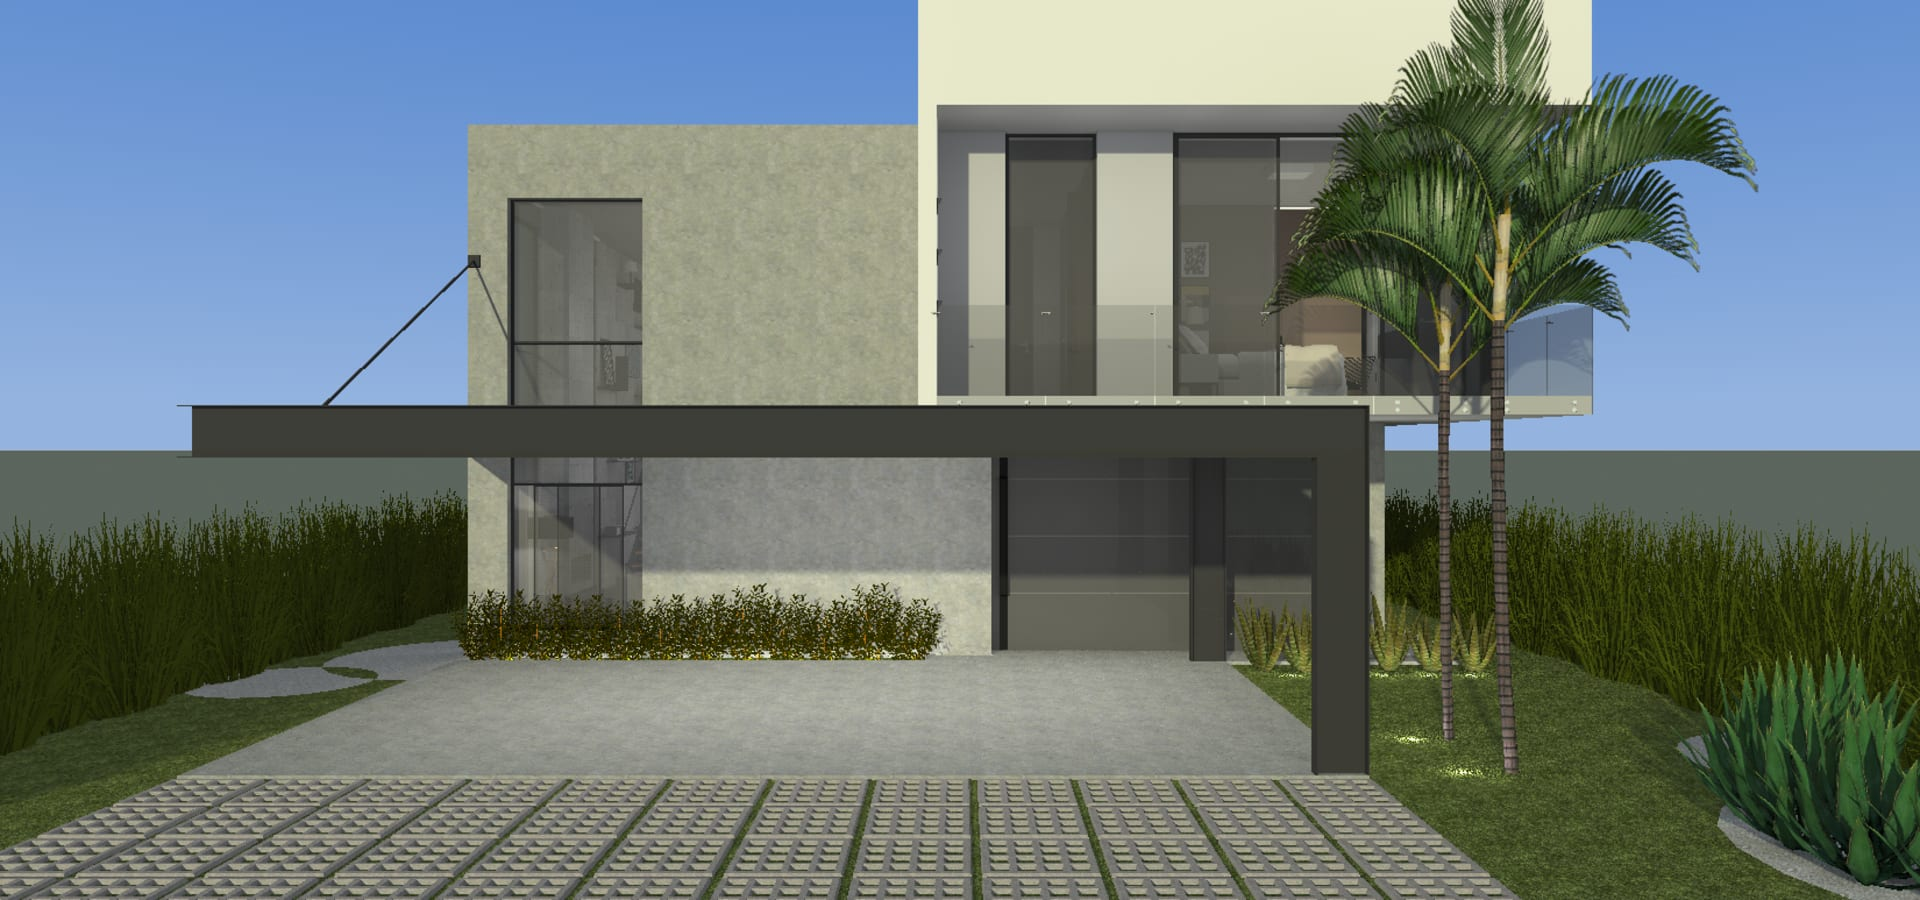 PRETE Arquitetura